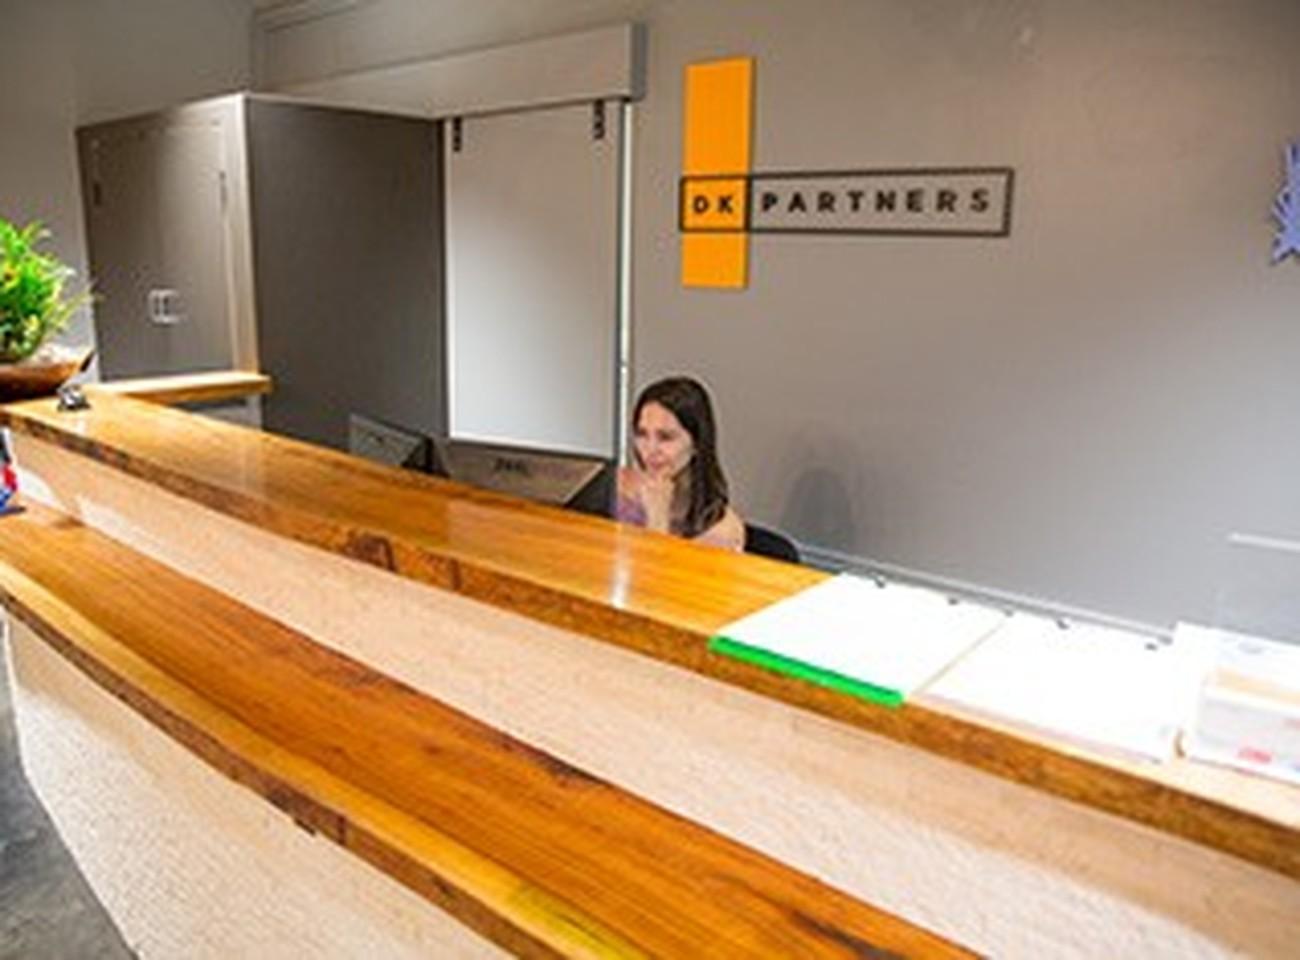 DK Partners Careers